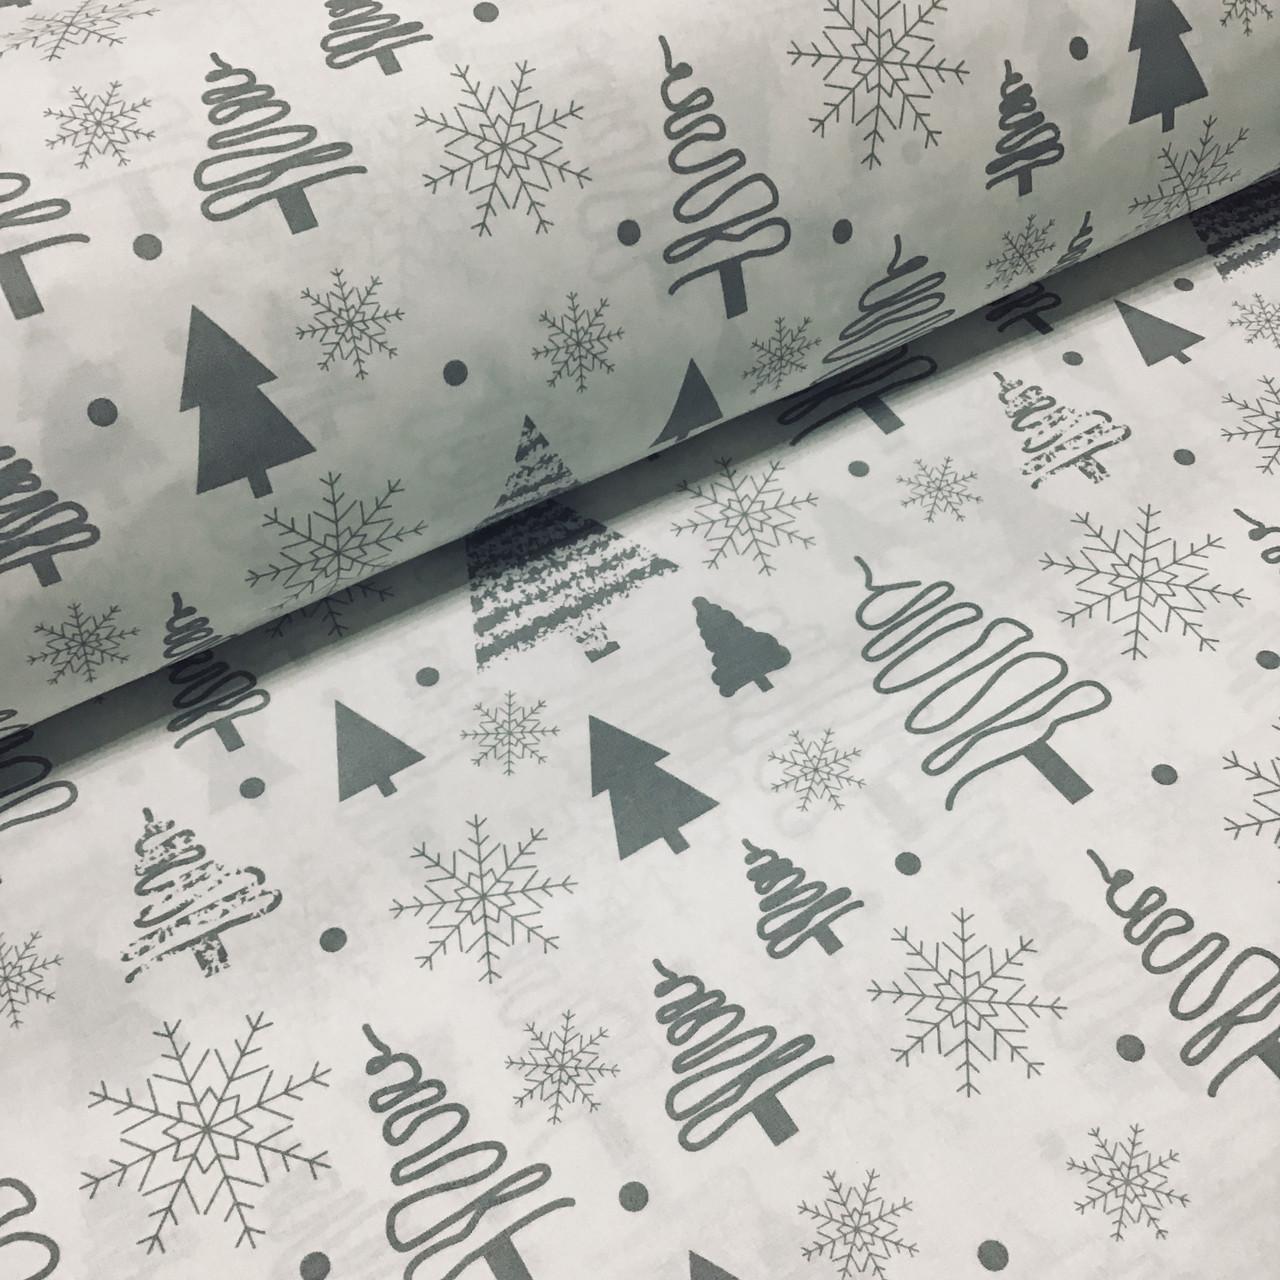 Ткань новогодняя хлопковая, серые елочки и снежинки на белом